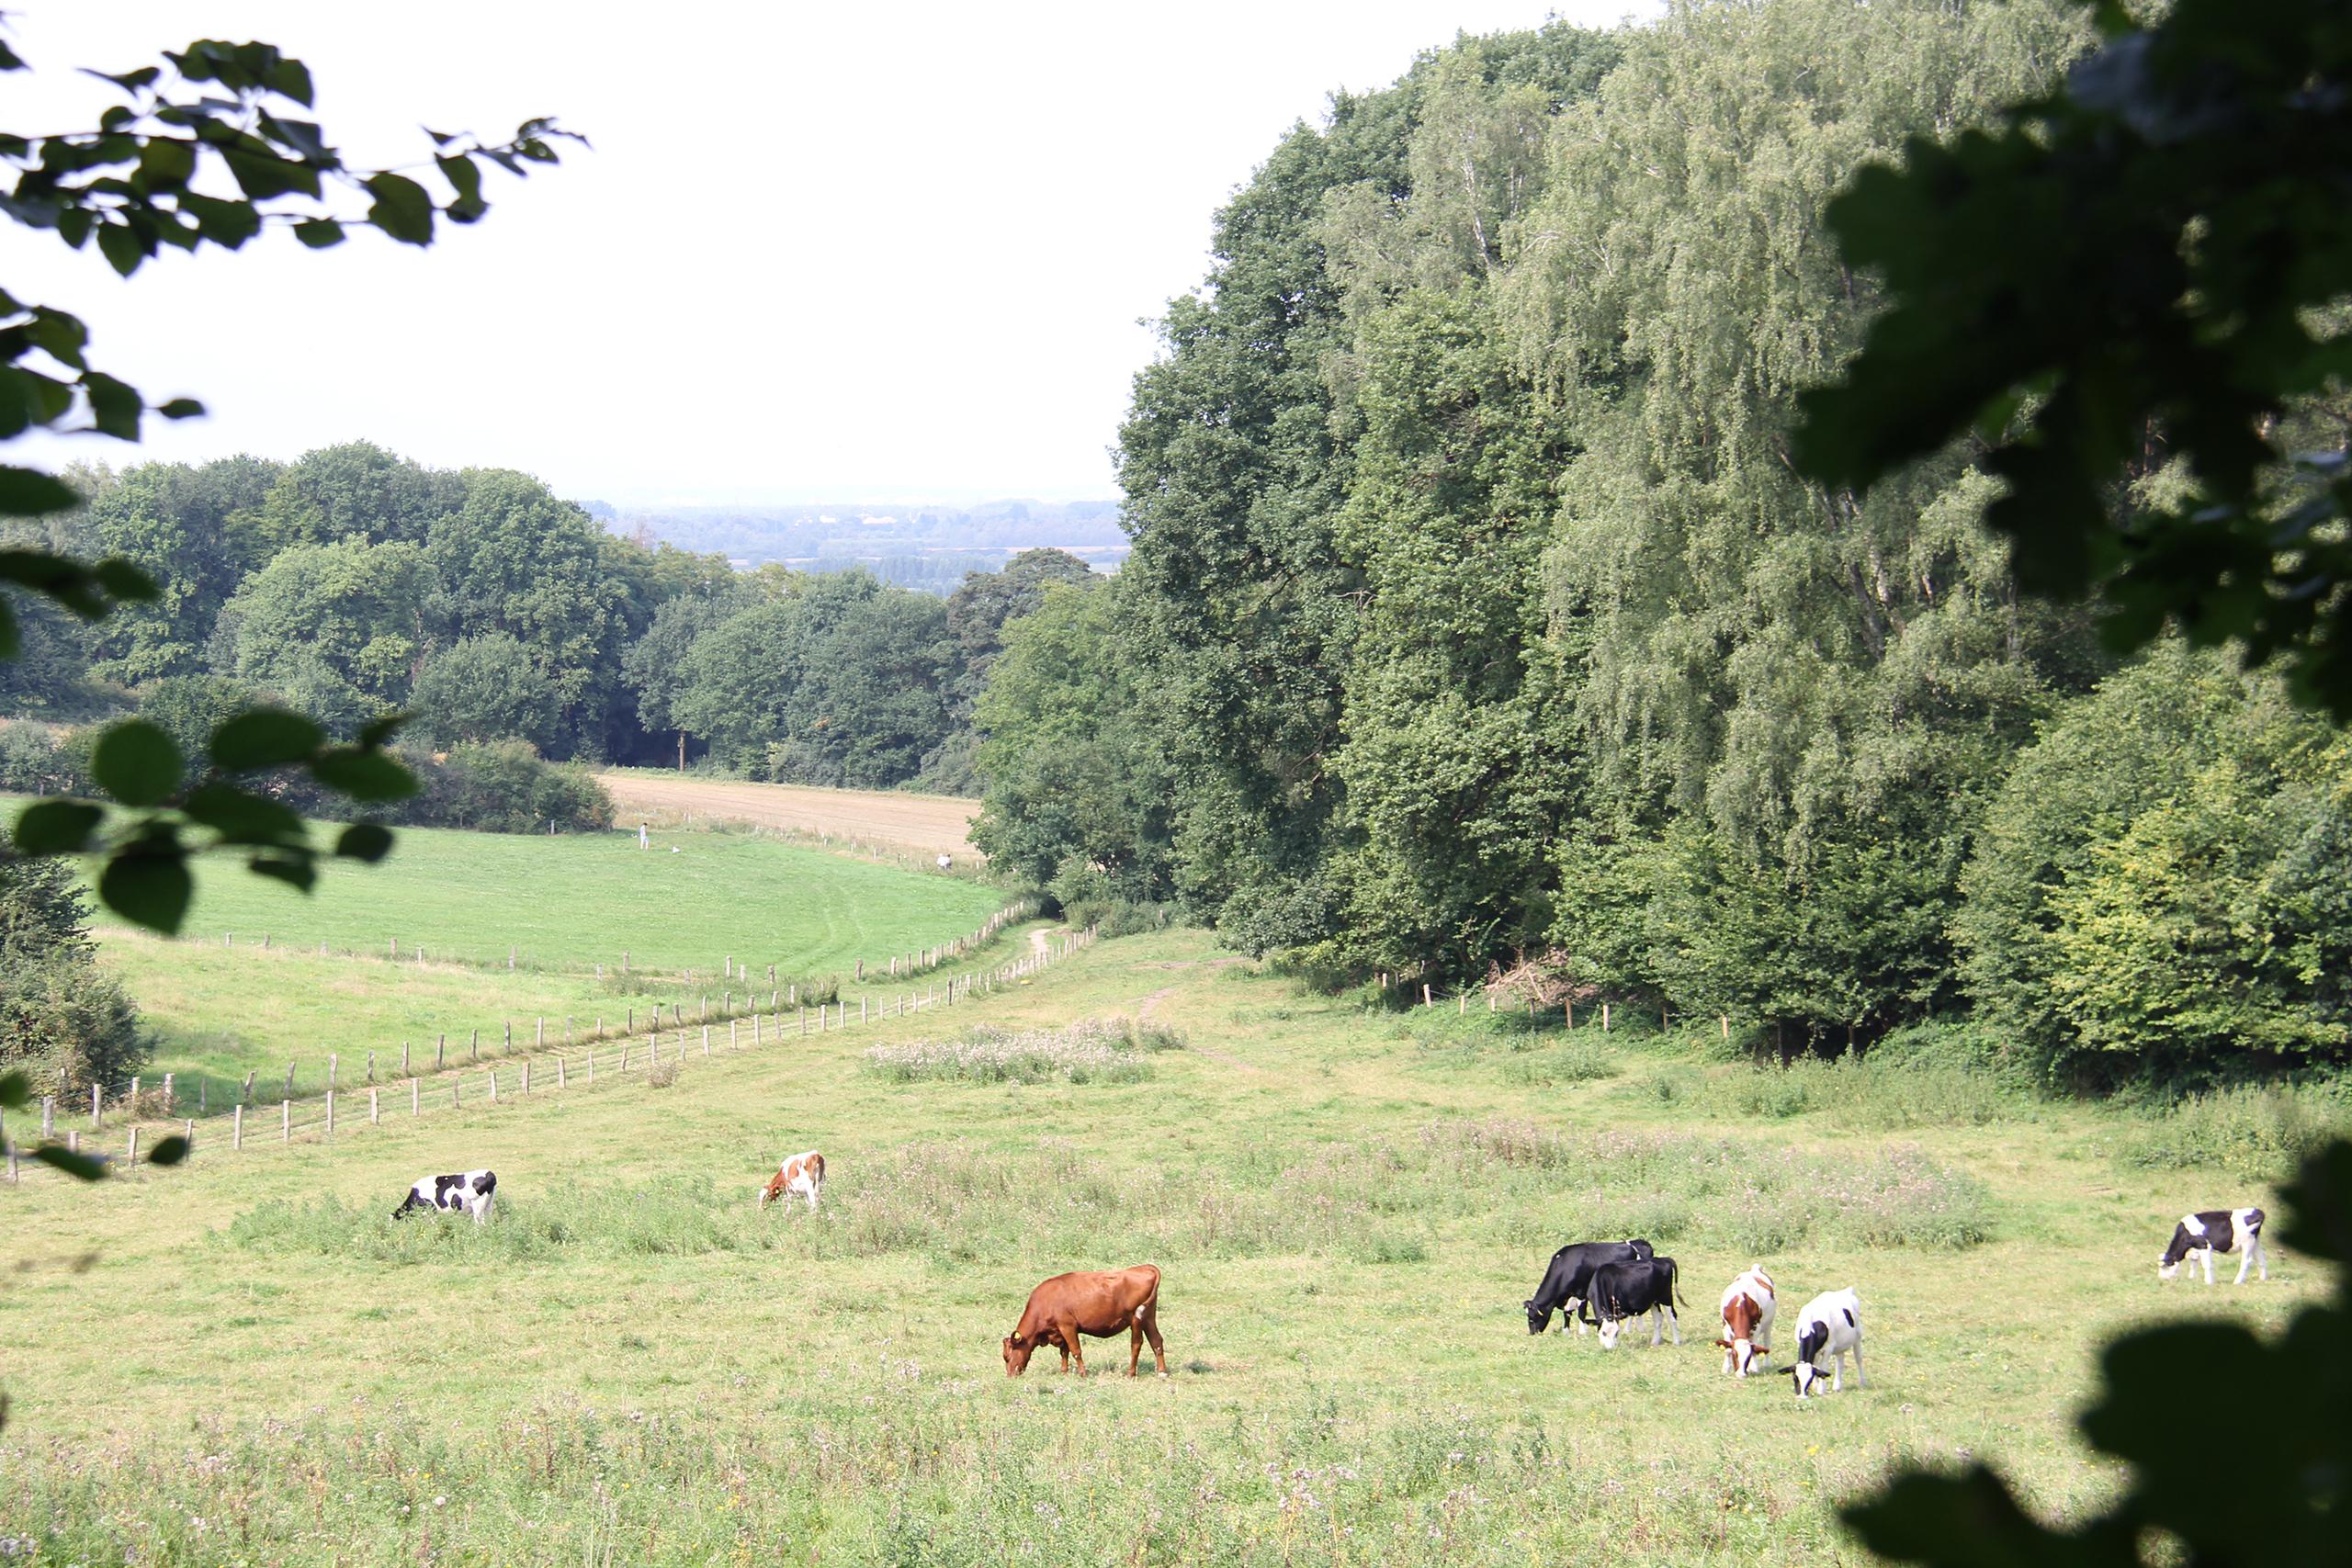 Koeien in de wei naar dal